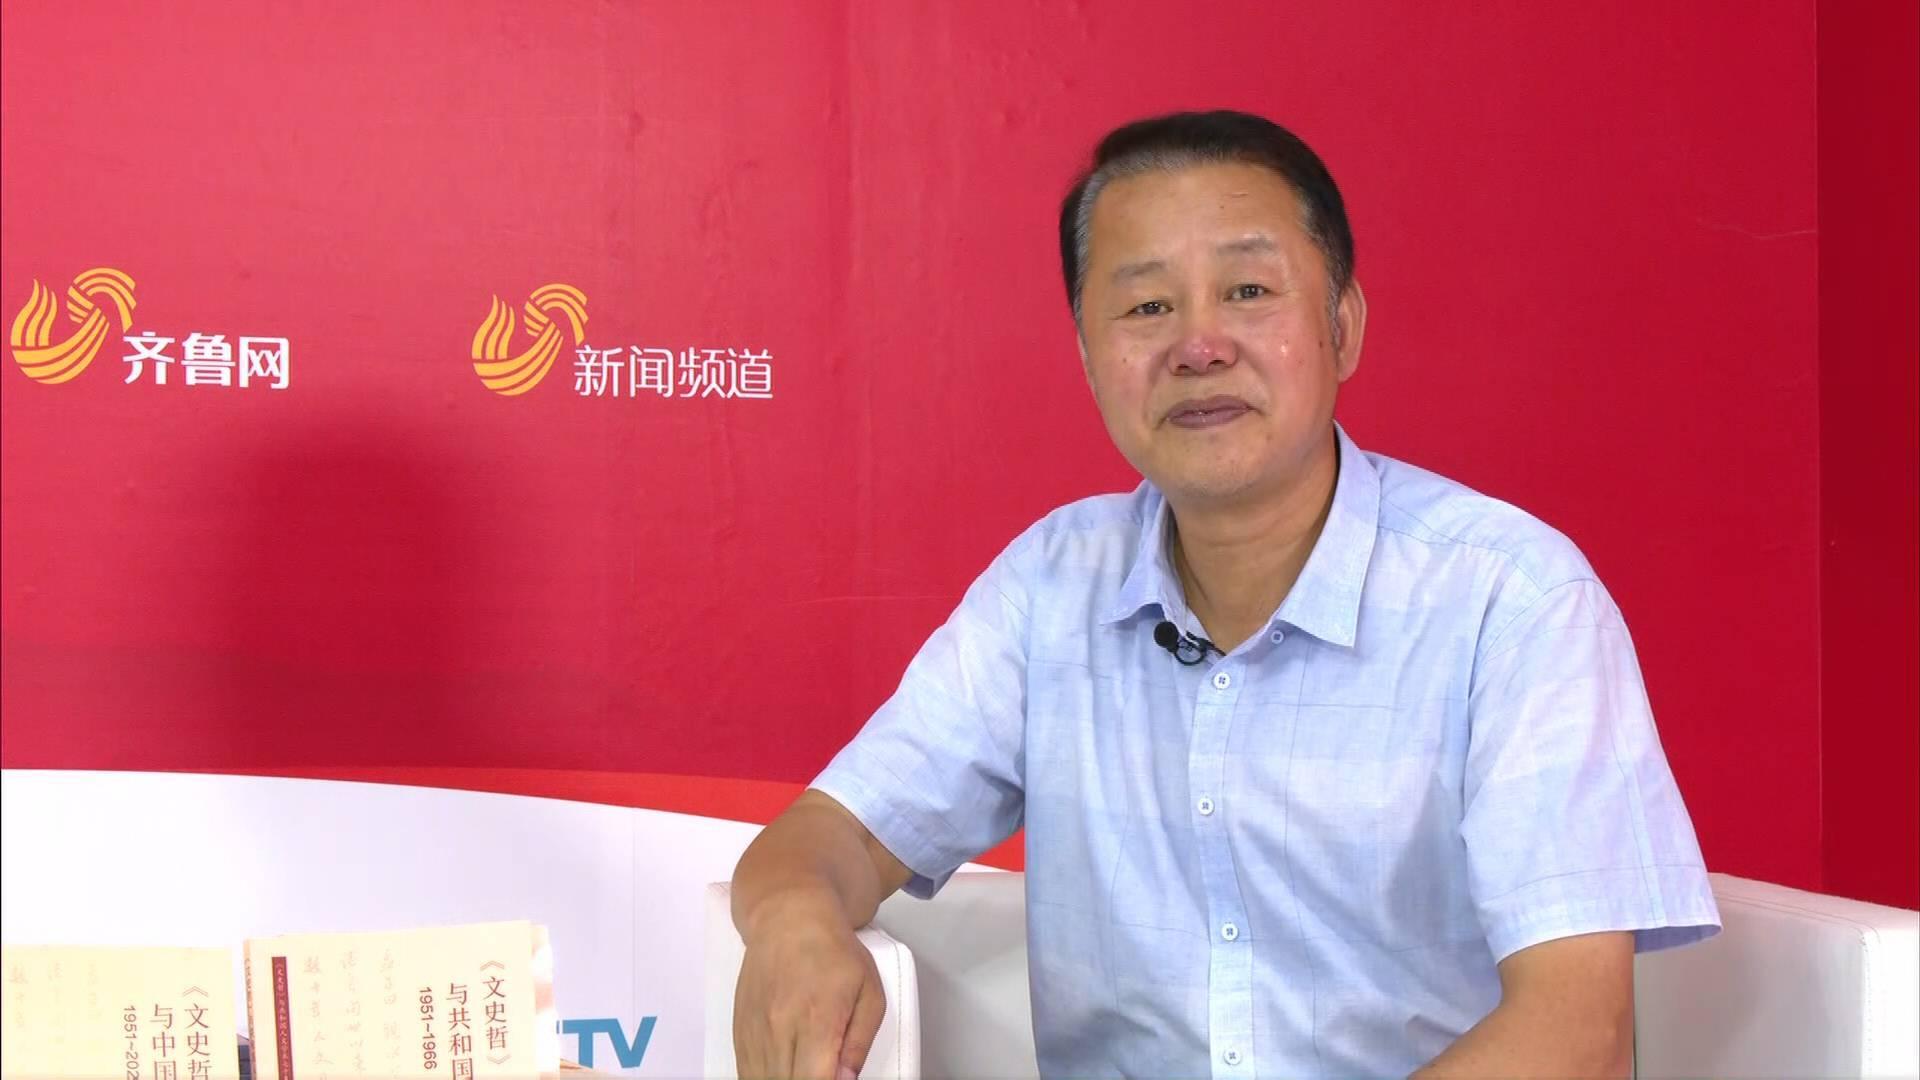 山东大学儒学高等研究院党委书记李平生:让优秀传统文化活起来、兴起来,是《文史哲》的重要任务